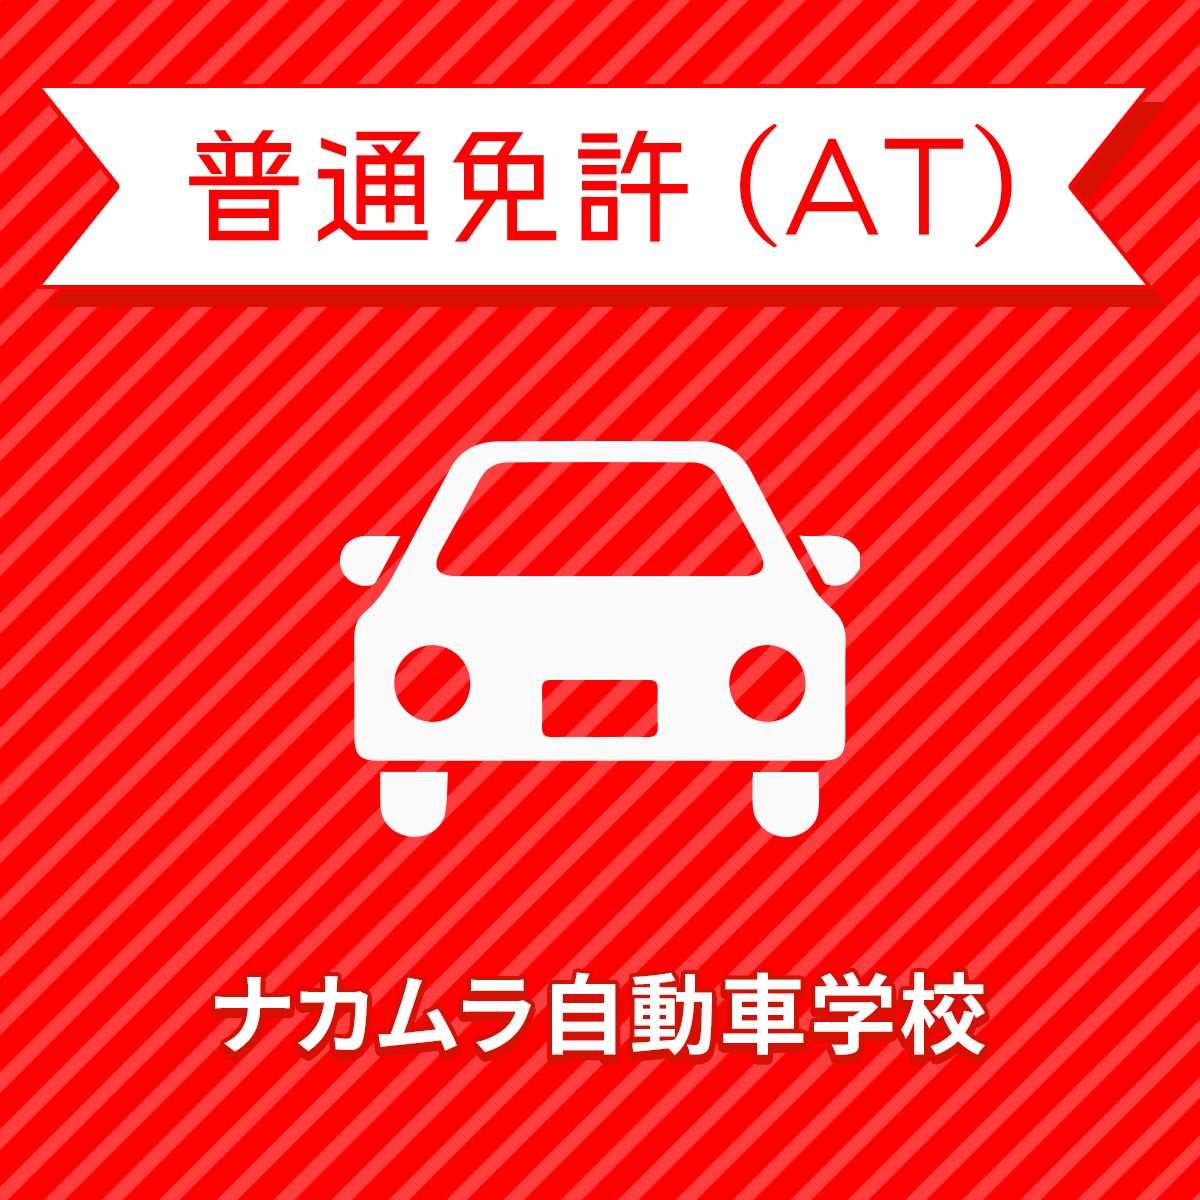 【宮崎県都城市】普通車ATコース<免許なし/原付免許所持対象>